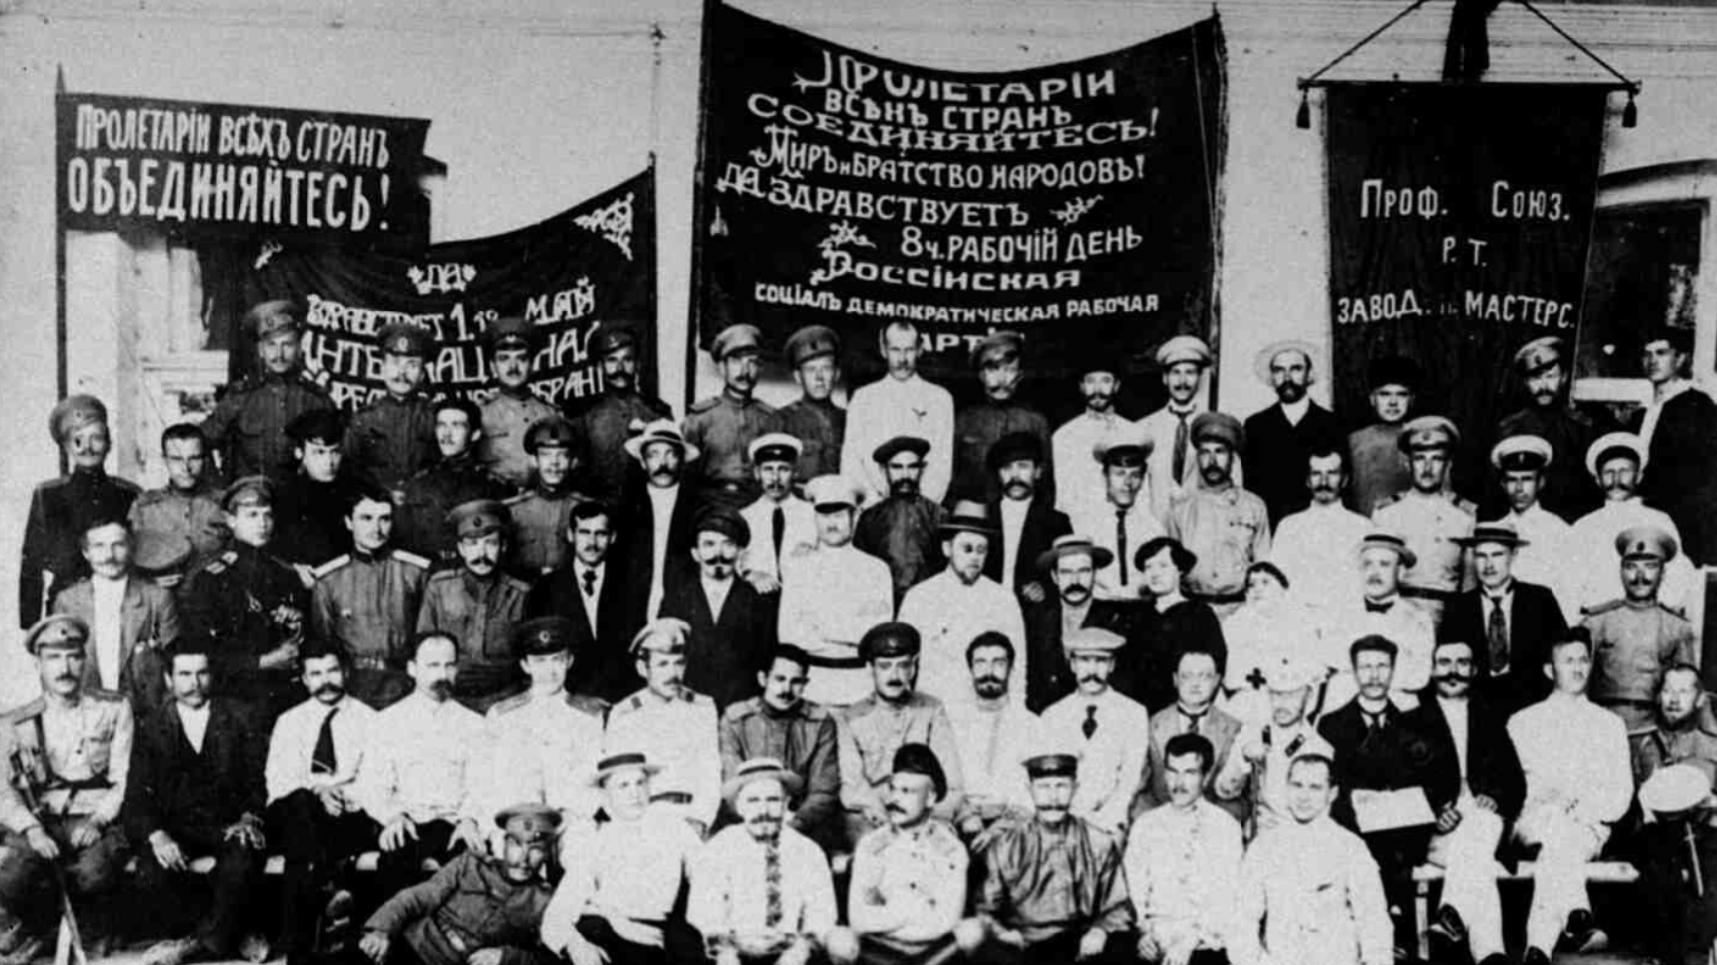 Группа представителей краевого Совета рабочих и солдатских депутатов в момент свержения Временного правительства. 25 октября 1917